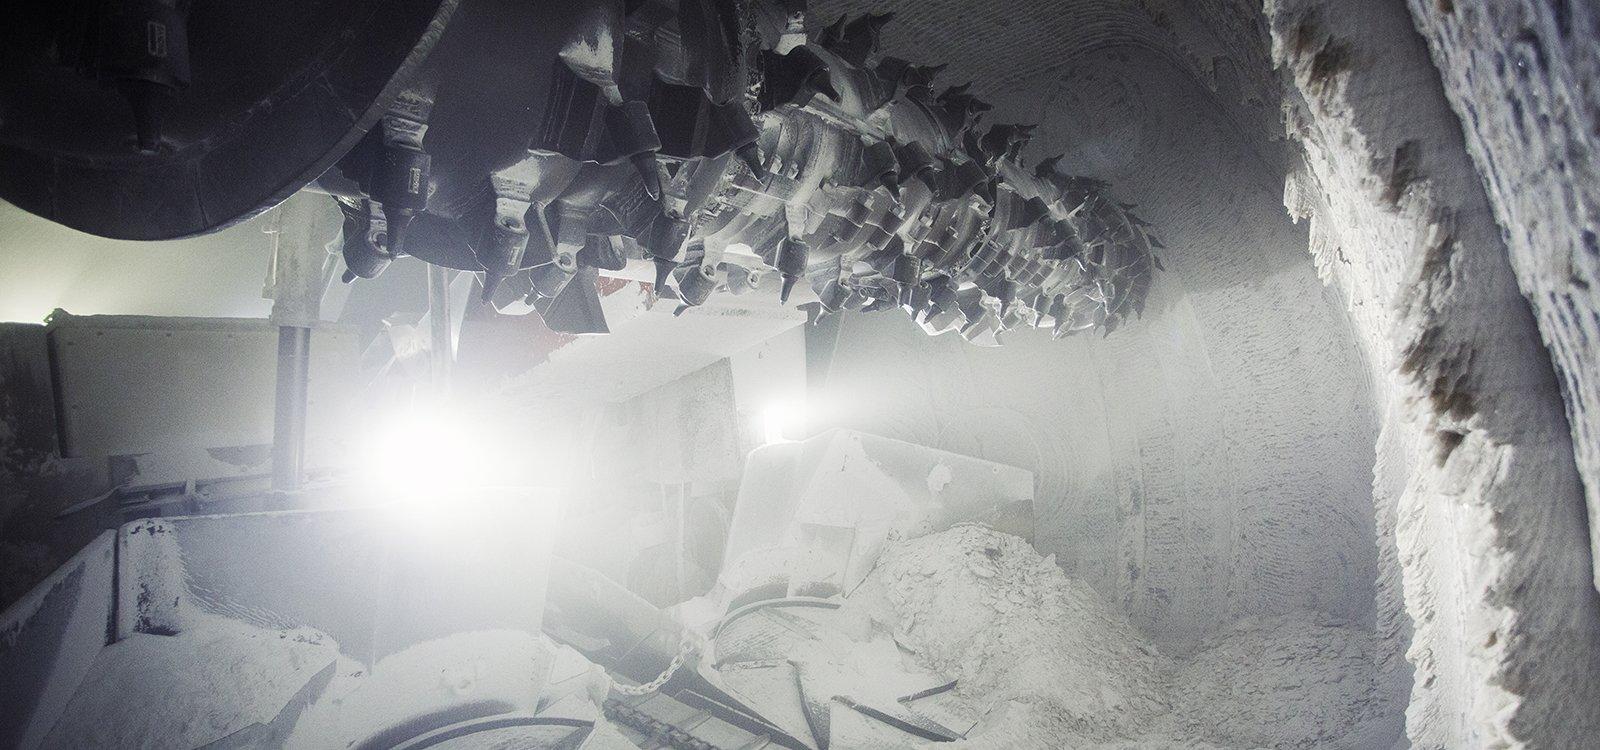 Para ajudar a garantir a produtividade na nova área de mineração Zielitz 2, a K+S investiu em um minerador contínuo Sandvik MB770.